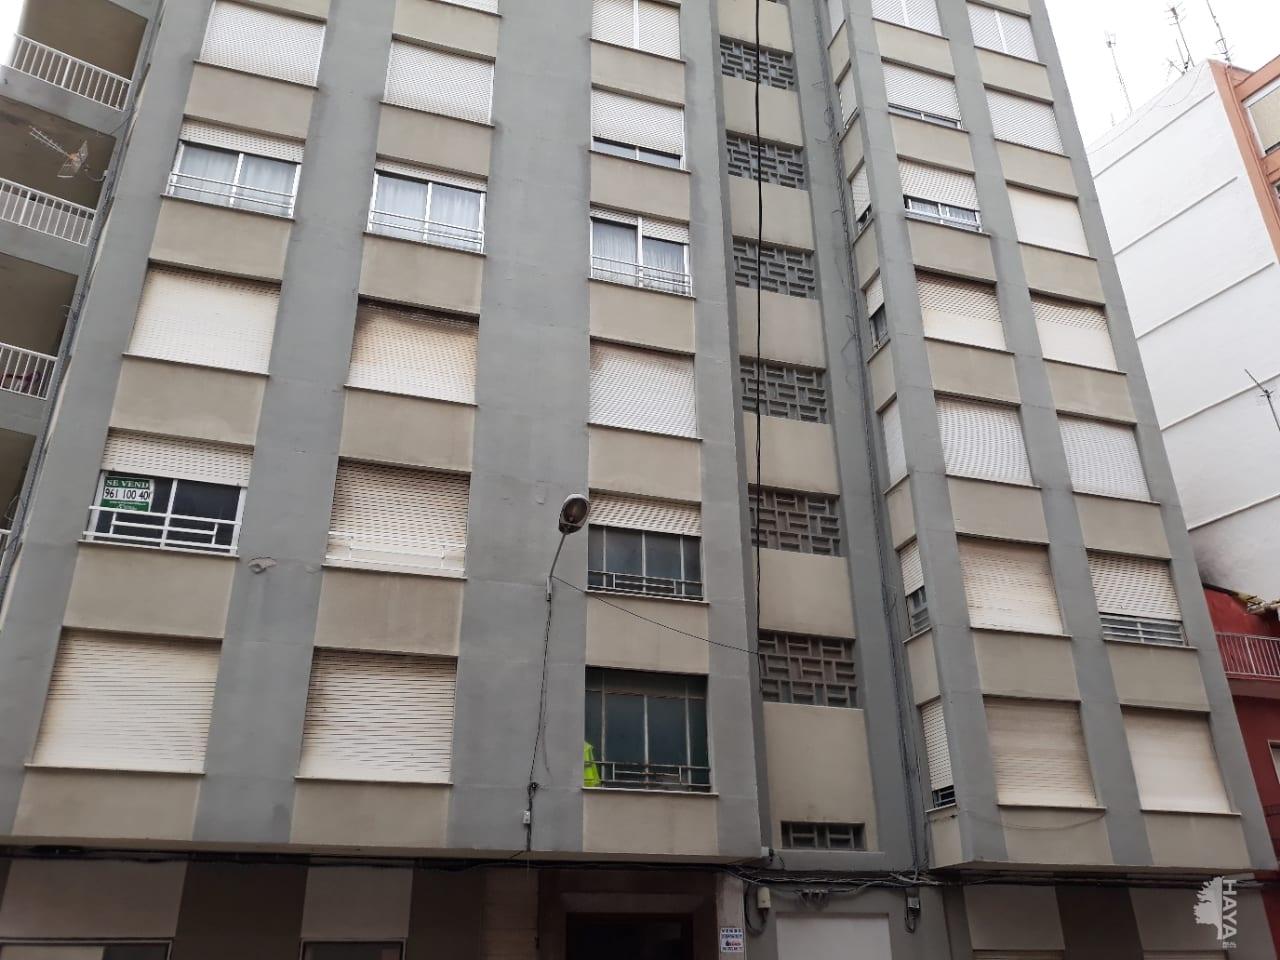 Piso en venta en Tavernes de la Valldigna, Valencia, Calle Major, 86.100 €, 4 habitaciones, 2 baños, 141 m2